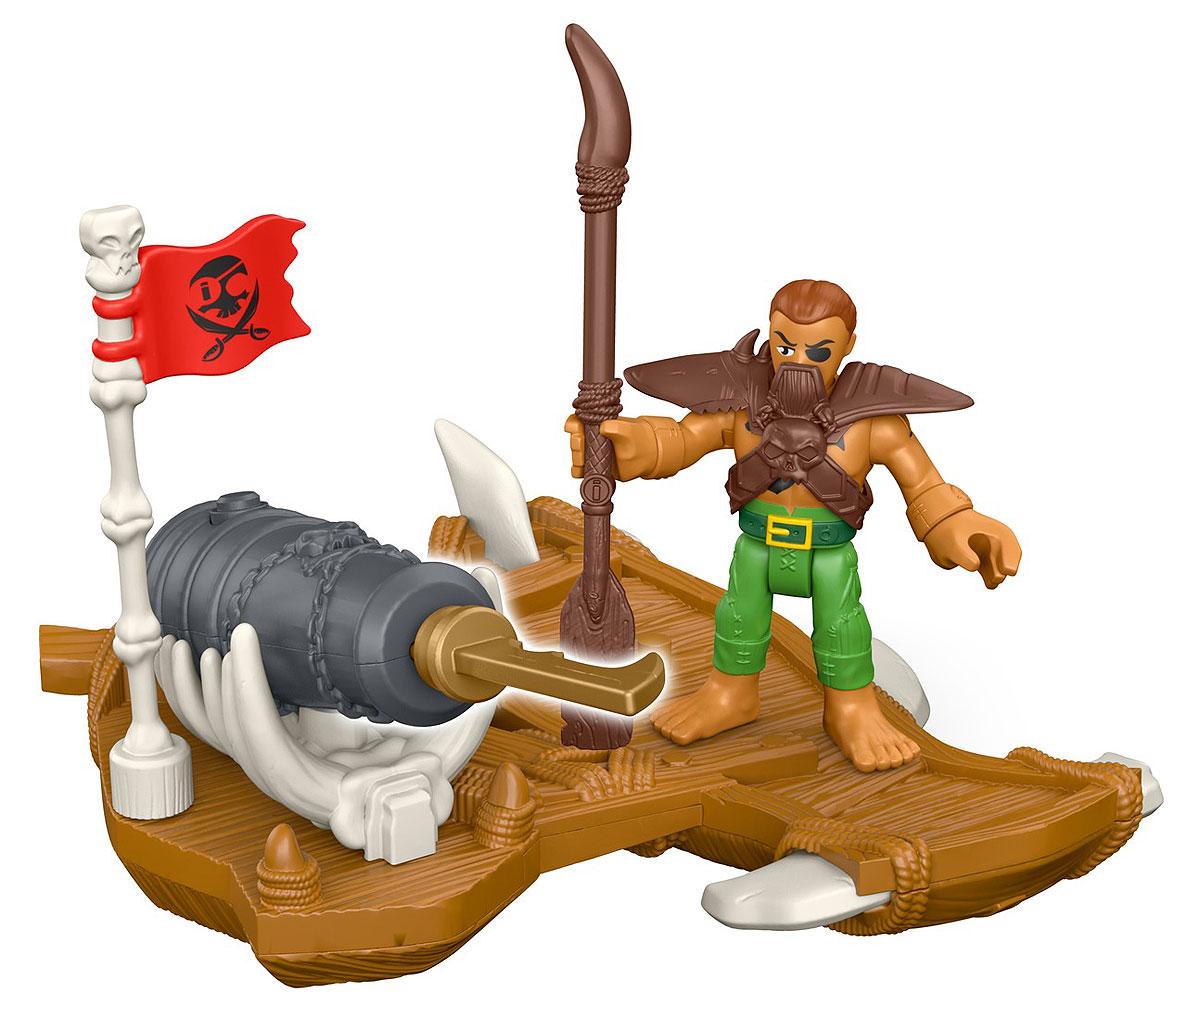 Imaginext Фигурка Пират DHH73_DHH75DHH73_DHH75Йо-хо-хо! С этими игрушками юные любители пиратов могут дать волю своей фантазии и отправиться покорять моря. В этом им поможет фигурка пирата и невероятное оружие для защиты территории и своих сокровищ! Собери всех пиратов и устрой битву буканьеров! (Наборы продаются отдельно. ) Imaginext … Turn on Adventure! О продукте В набор входит фигурка пирата и забавная интерактивная игрушка. Собери всех пиратов для лихих приключений! (Наборы продаются отдельно. )